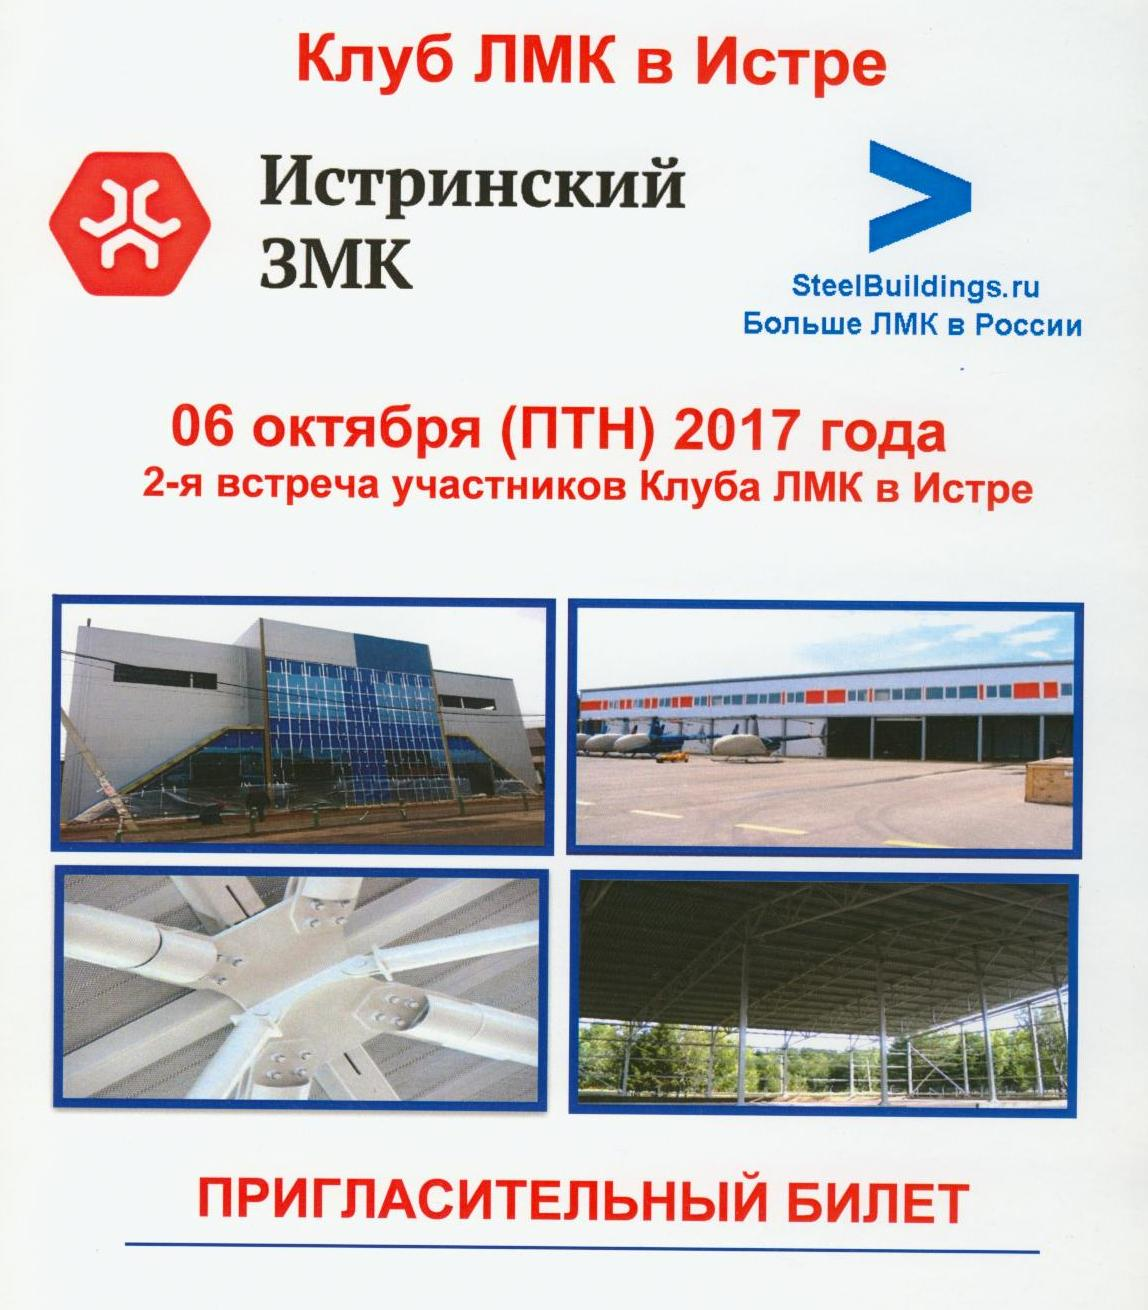 Больше ЛМК в России www.steelbuildings.ruУ Вас есть возможность зарегистрироваться на заседание Клуба ЛМК в Истре 06 октября (ПТН) 2017 года.